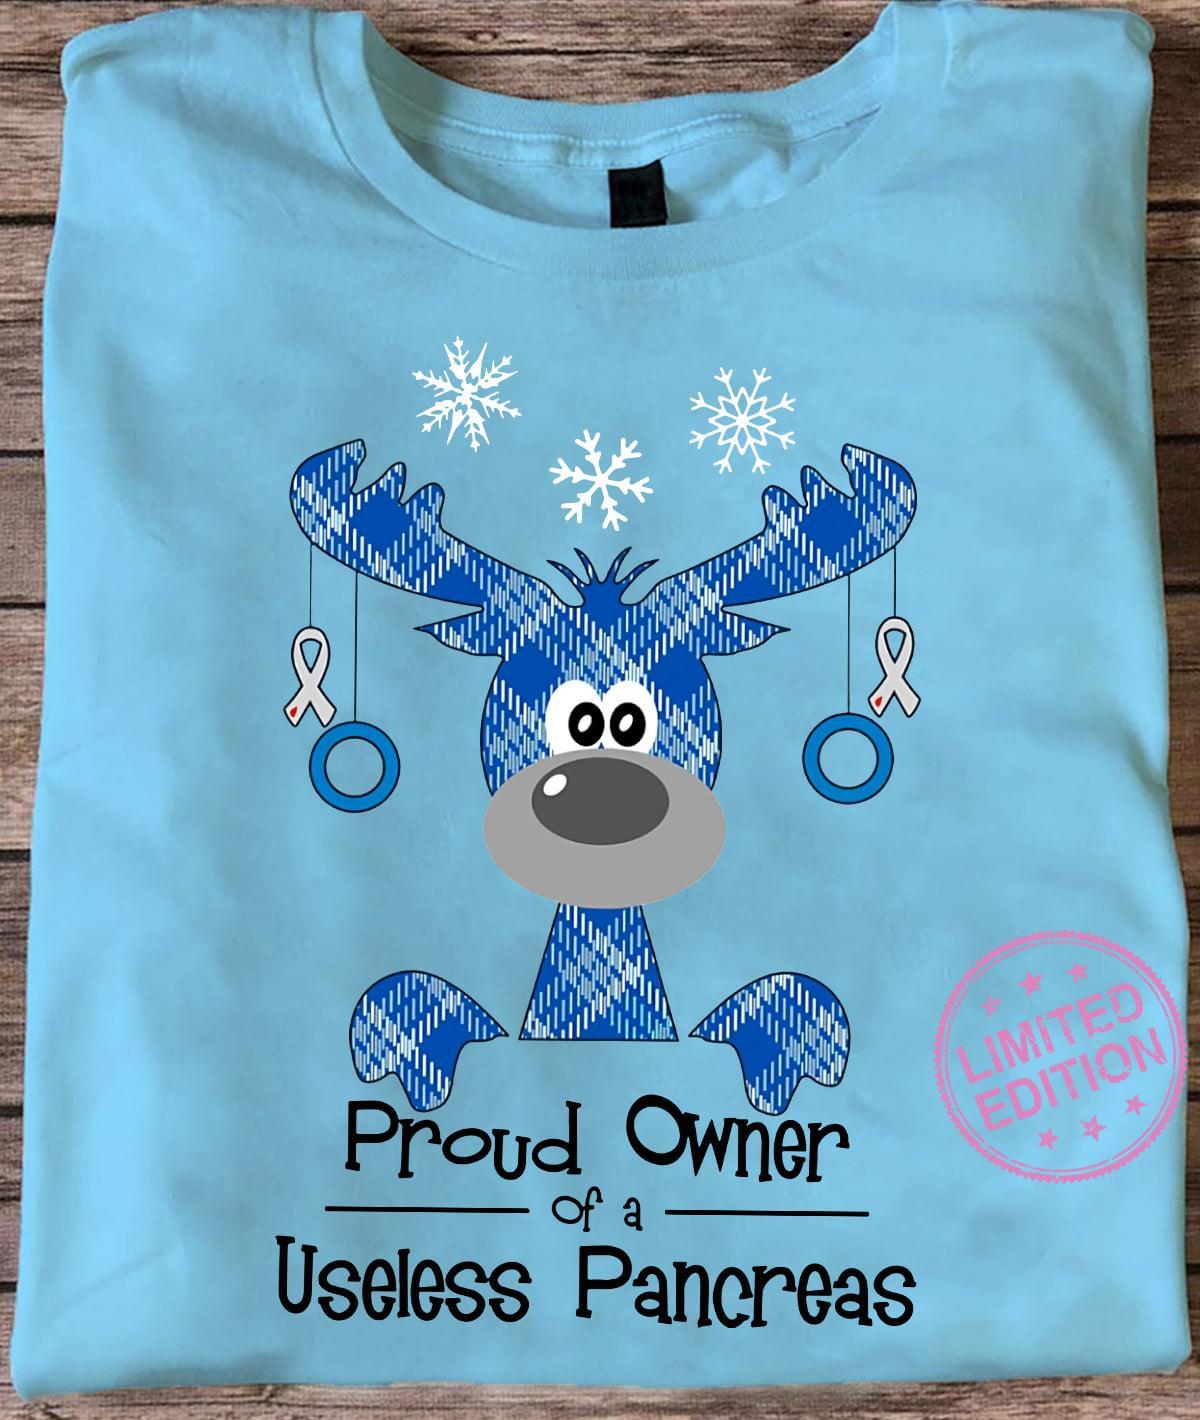 Proud owner of a useless pancreas shirt